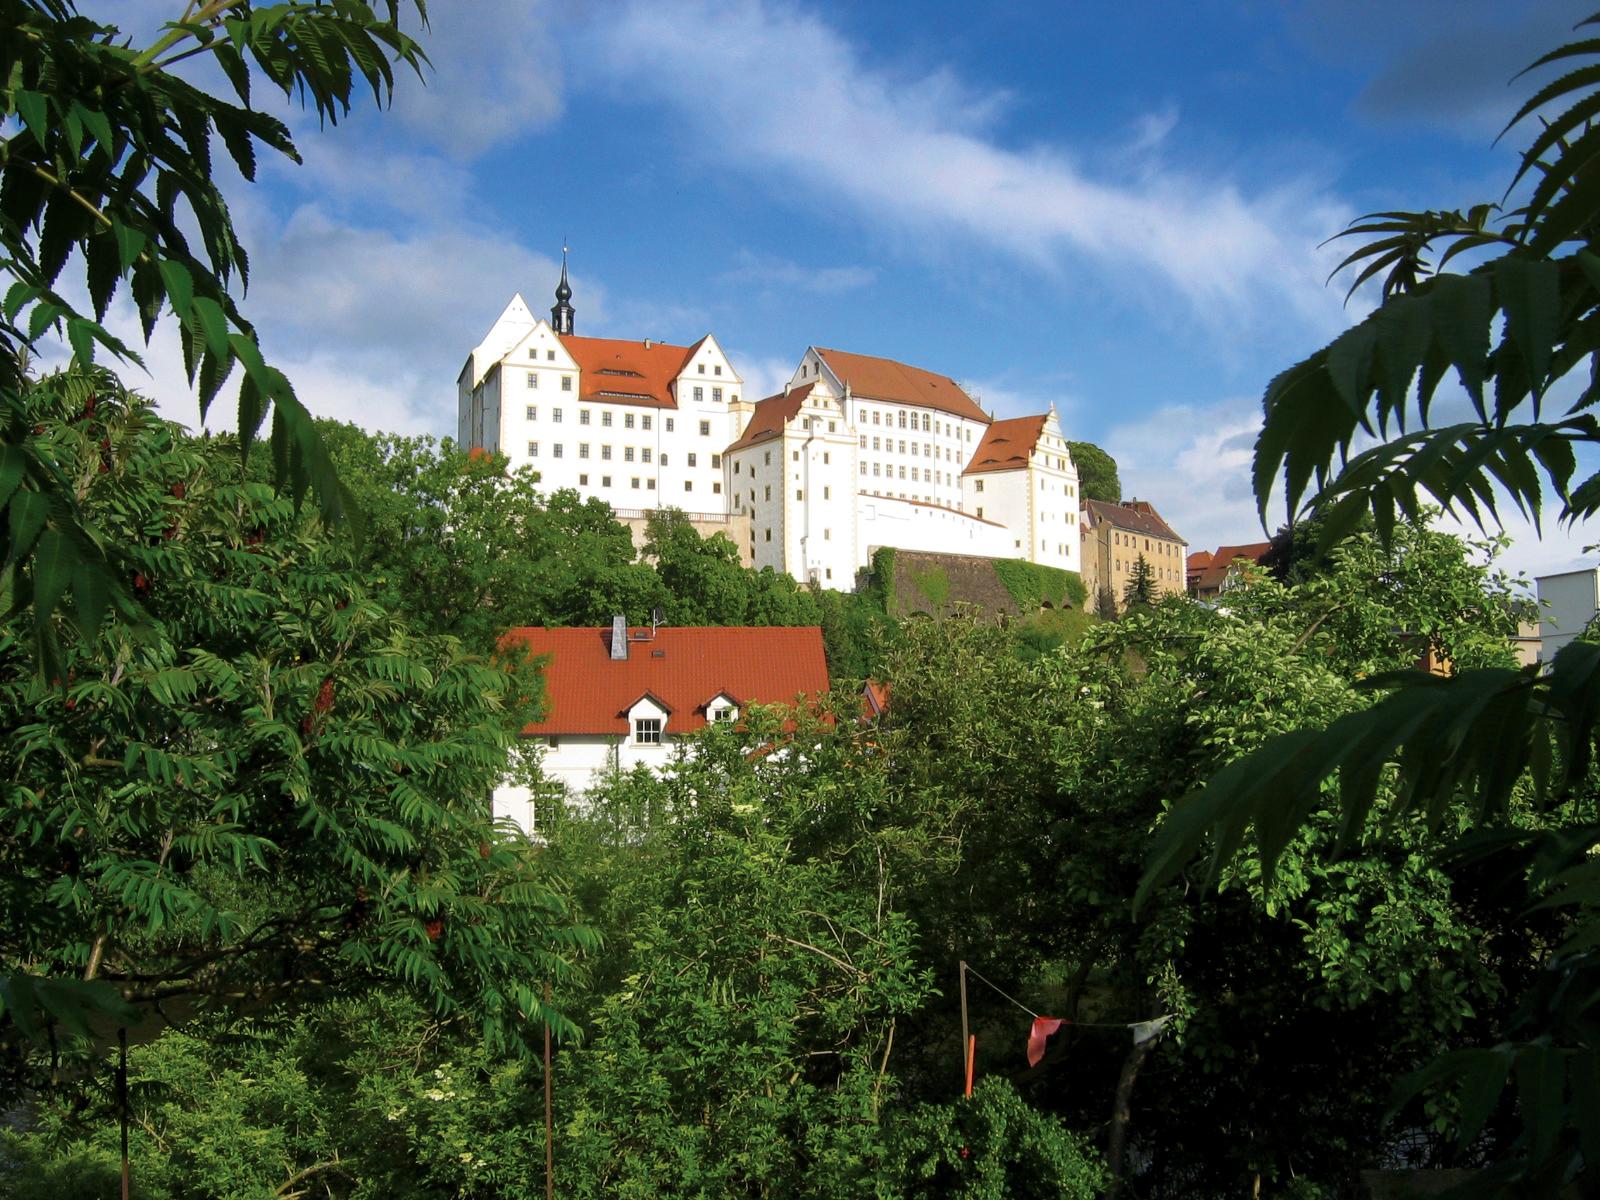 Übernachtungen in Sachsen | Schlösserland Sachsen - Staatliche ...